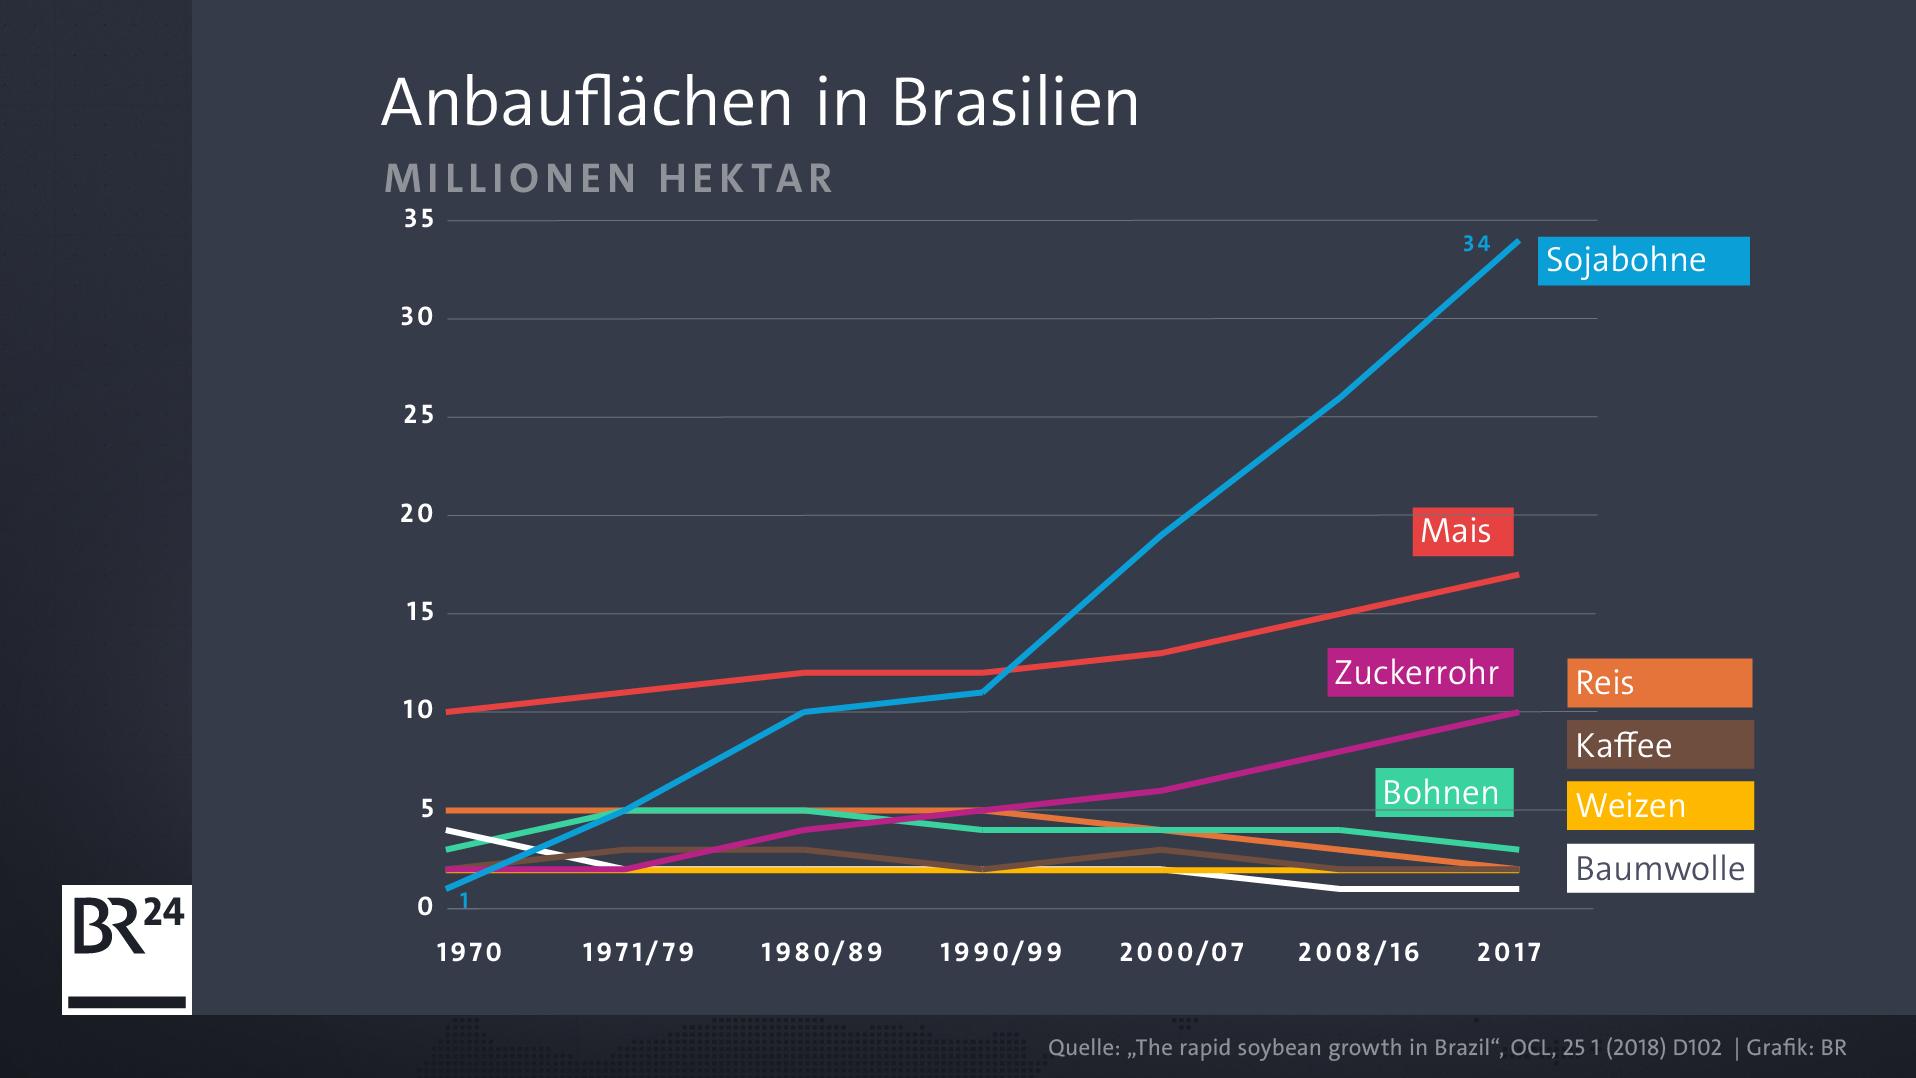 Seit den 1970er-Jahren sind allein in Brasilien mehr als 34 Millionen Hektar Land in Sojaanbauflächen umgewandelt worden.